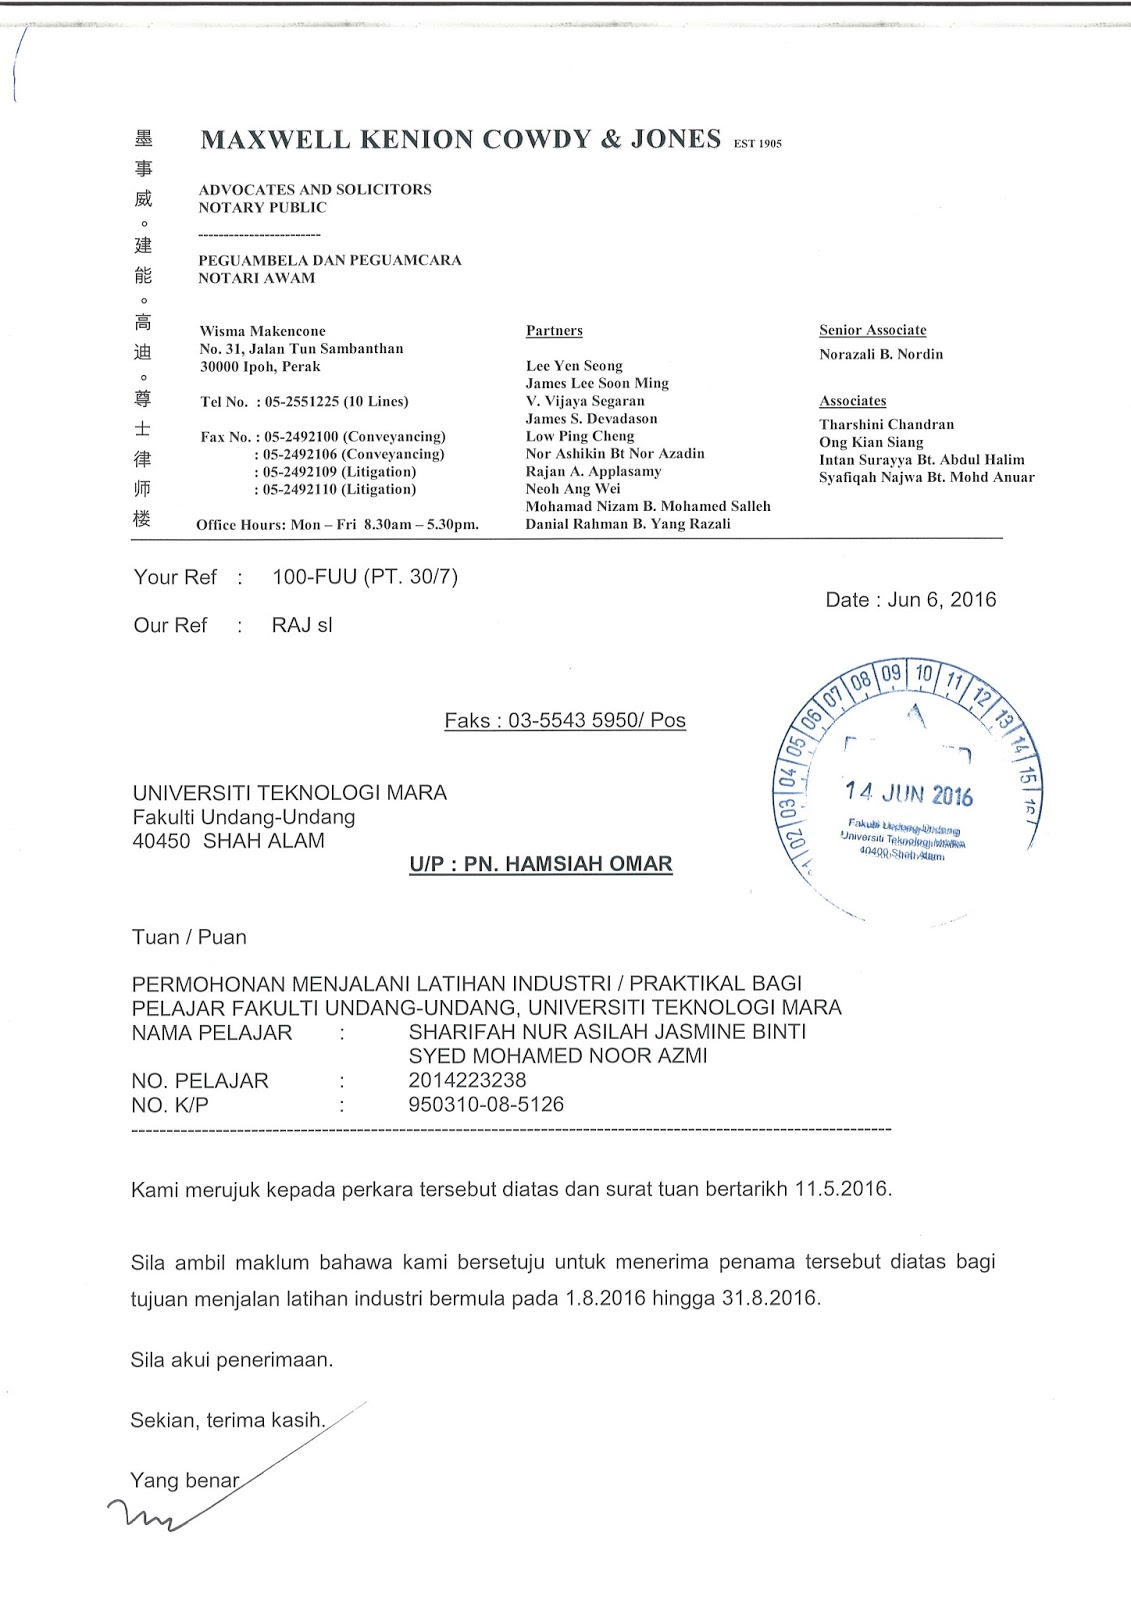 latihan industri fuu surat penerimaan majikan dari firma